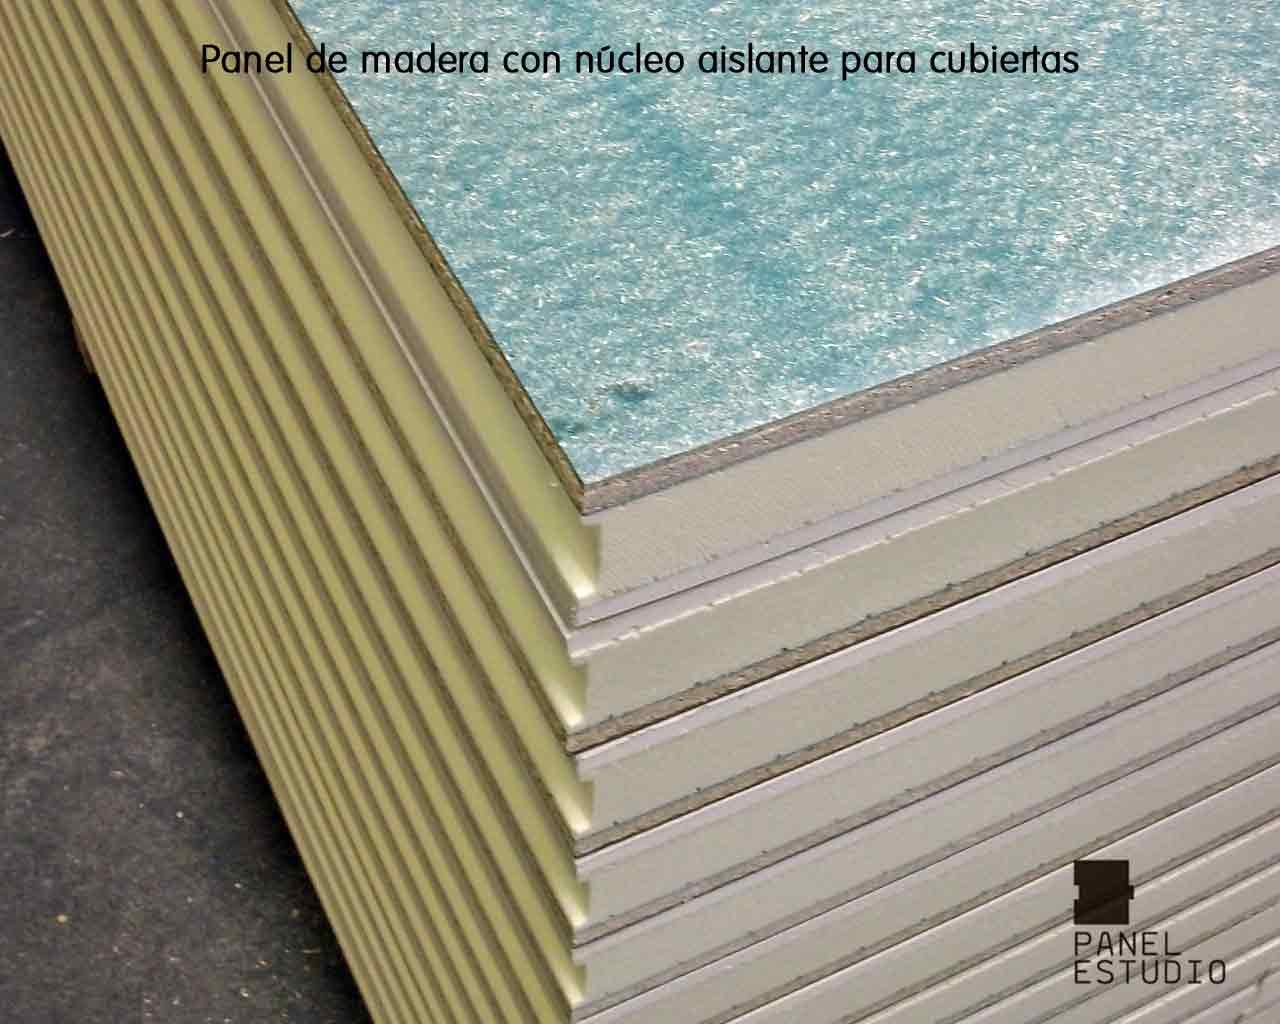 Cart n yeso paneles de madera para tejados y cubiertas for Tejados de madera precios